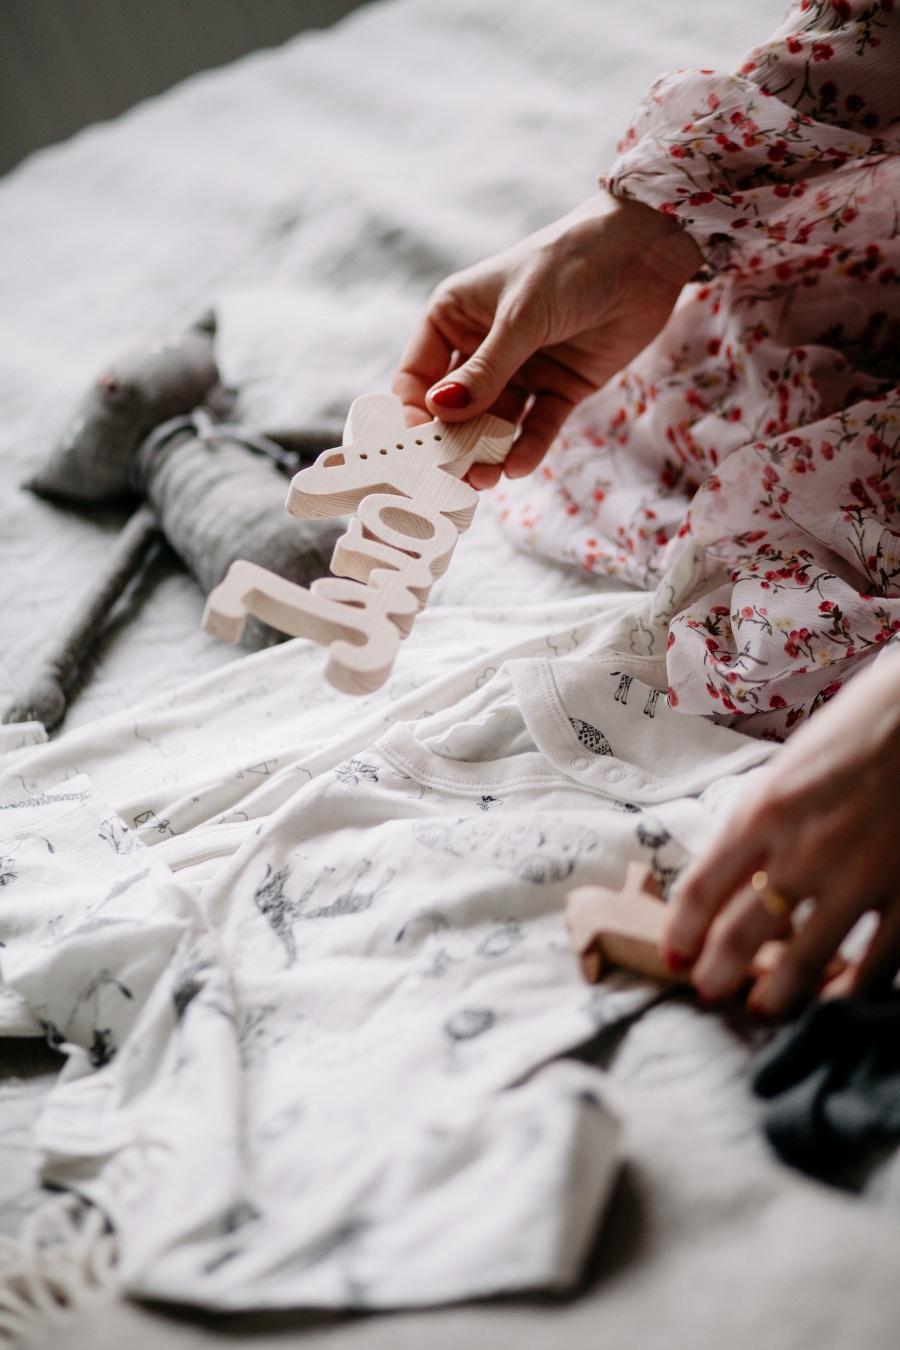 sesja ciazowa ola slusarczyk warszawa otwock anin wawer wyprawka porod cwieczenia w ciazy babyshower sesja wszpitalu jak rodzic rodzicielstwo bliskowsci